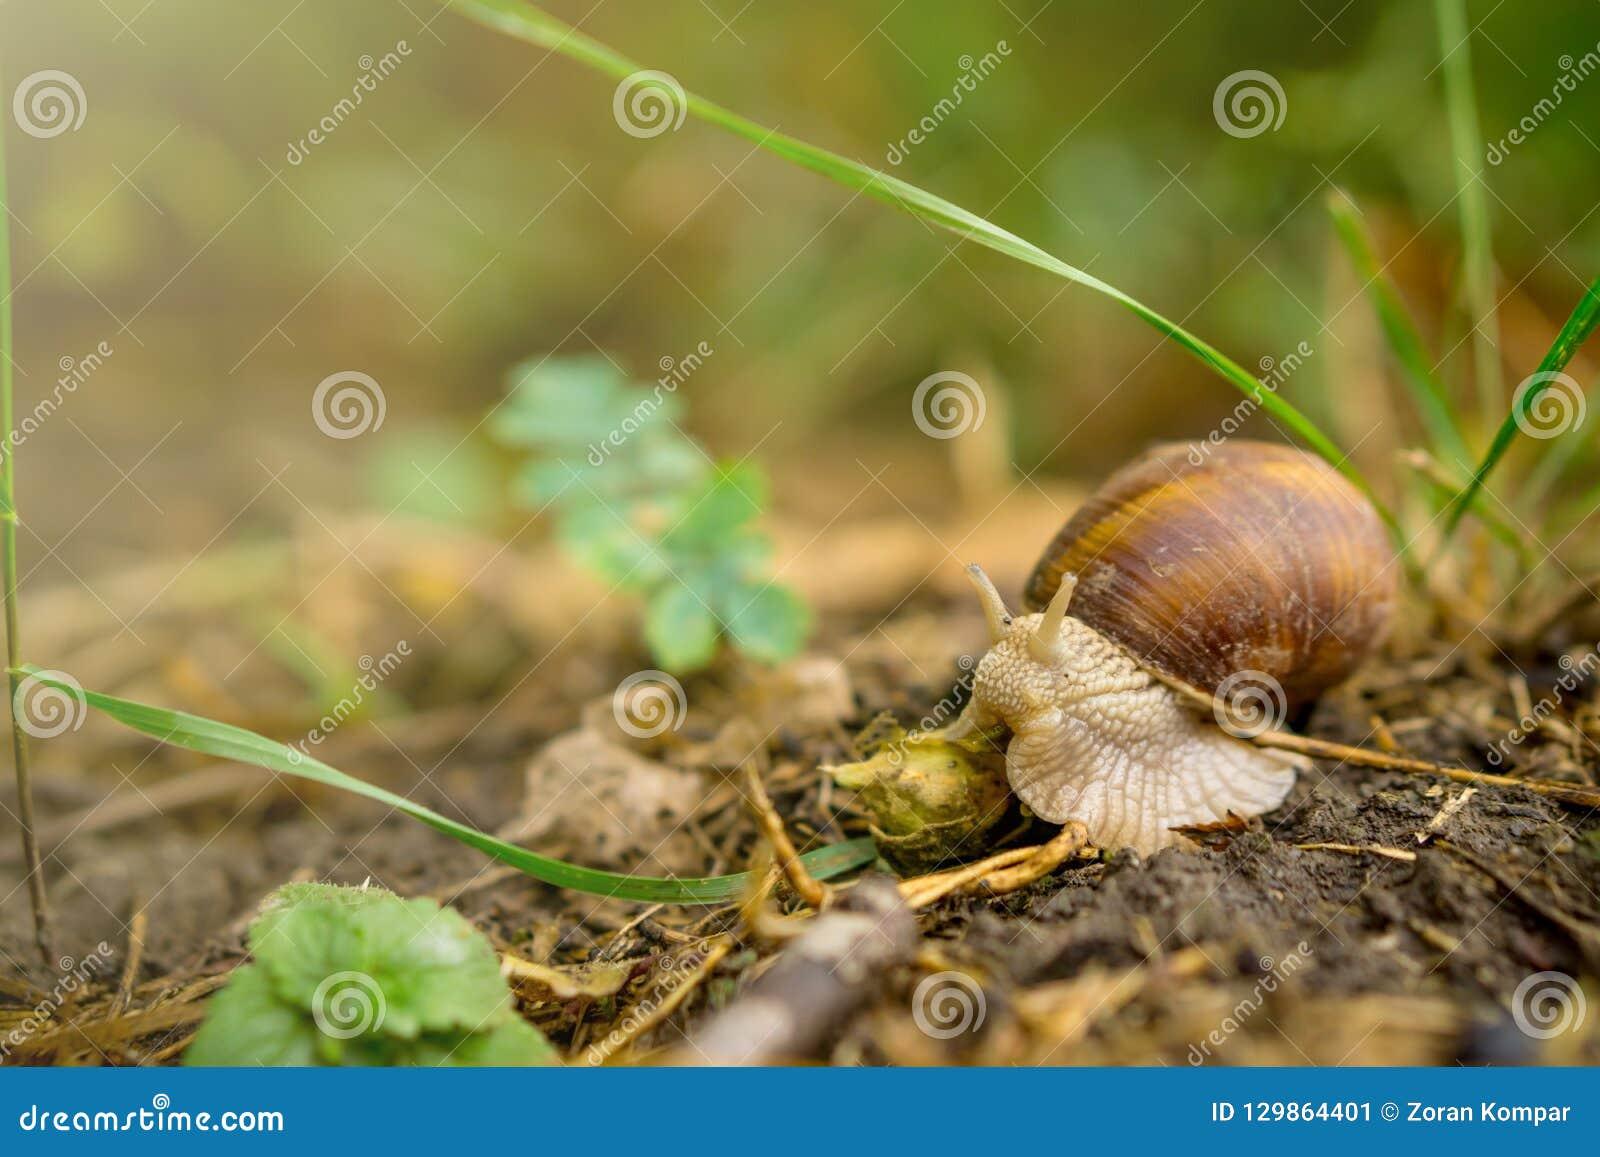 关闭爬行在土壤的蜗牛在森林里